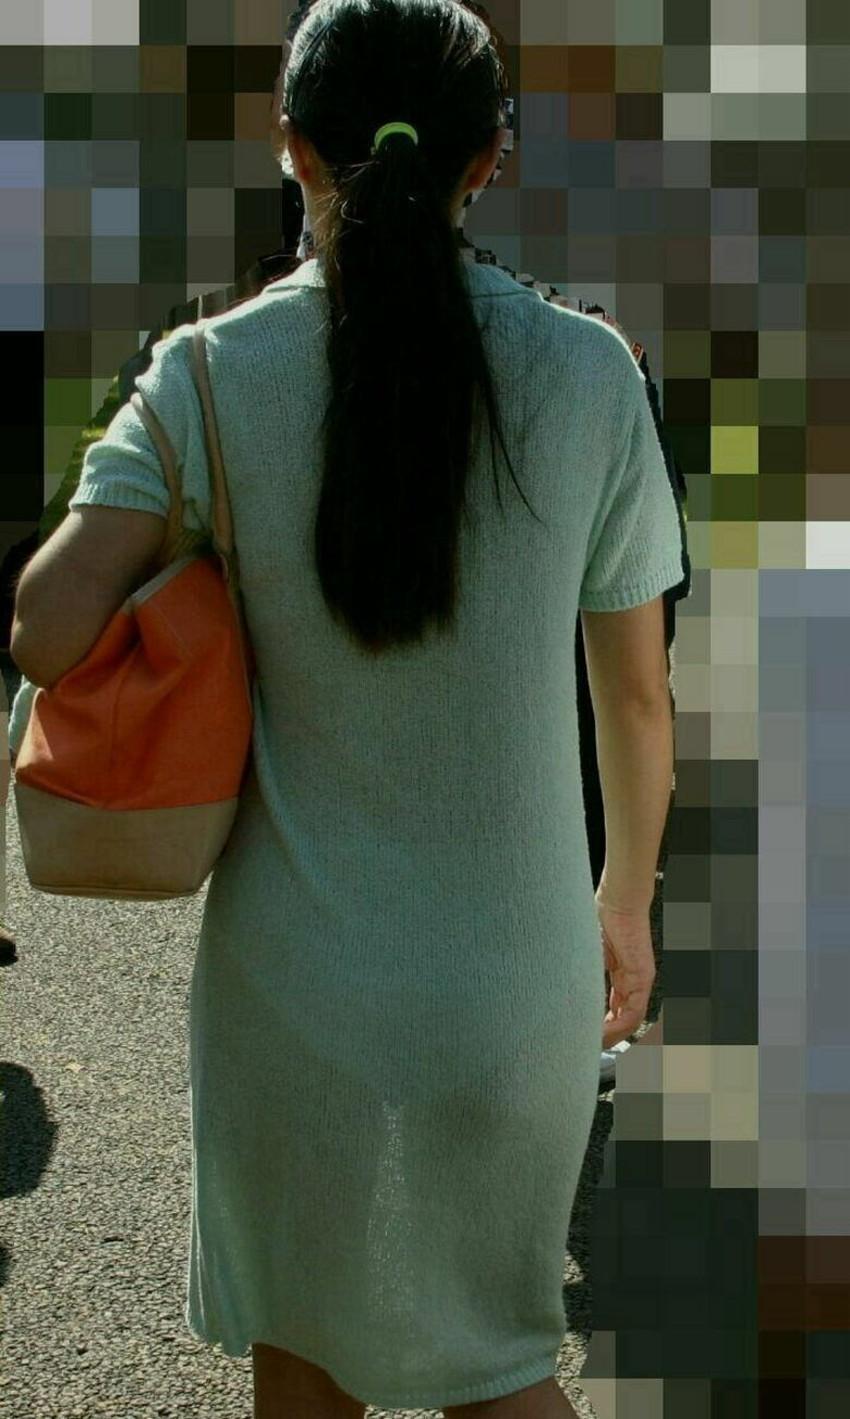 【ロングワンピエロ画像】ロングワンピを捲り上げて着衣セックスをしたり、ワンピ上から手マンやバイブ責めをしてお漏らし調教してるロングワンピのエロ画像集!【80枚】 68